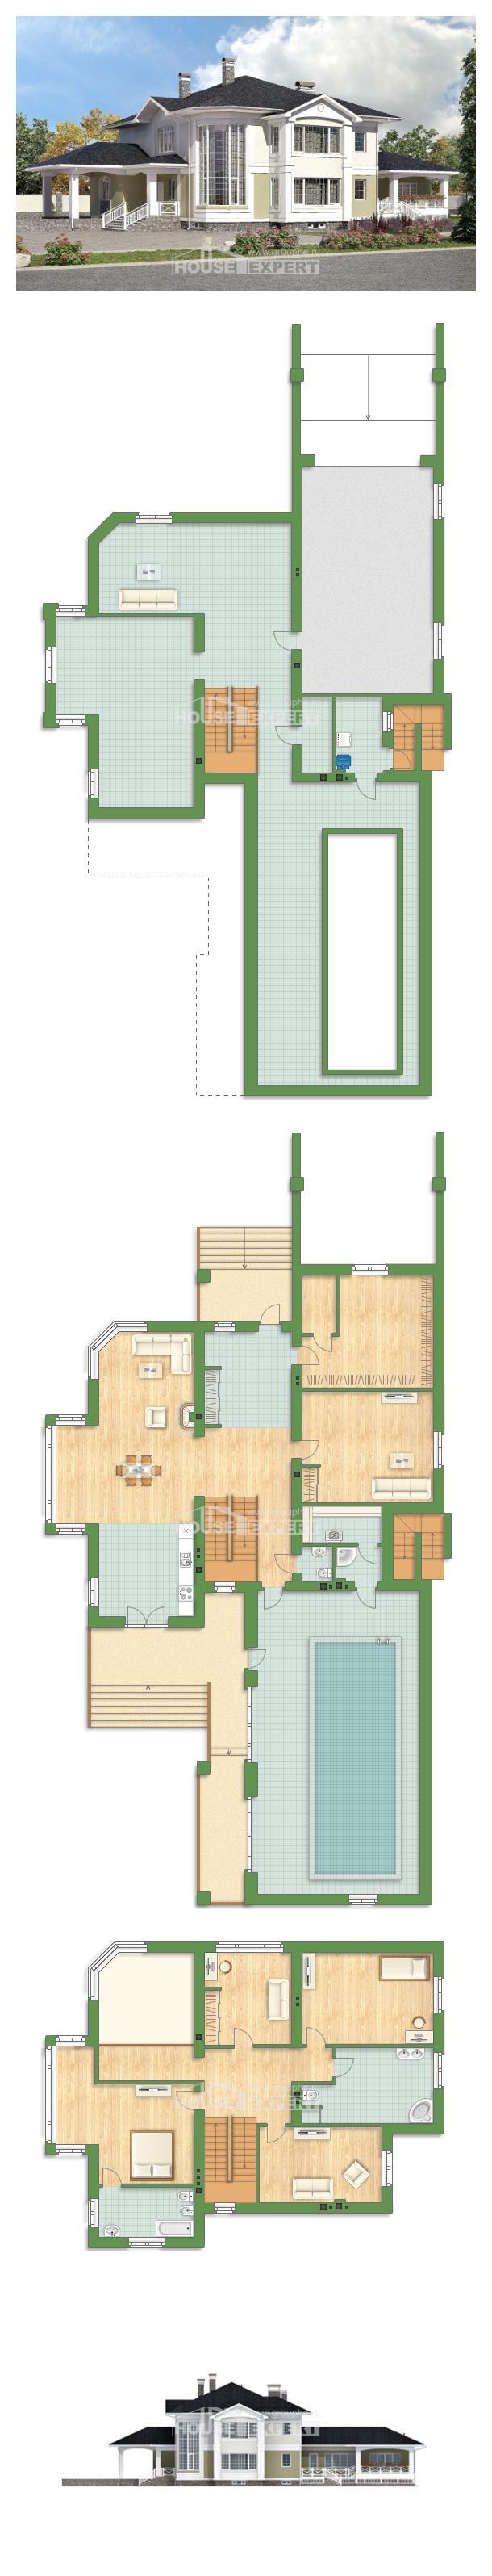 Plan 620-001-L   House Expert